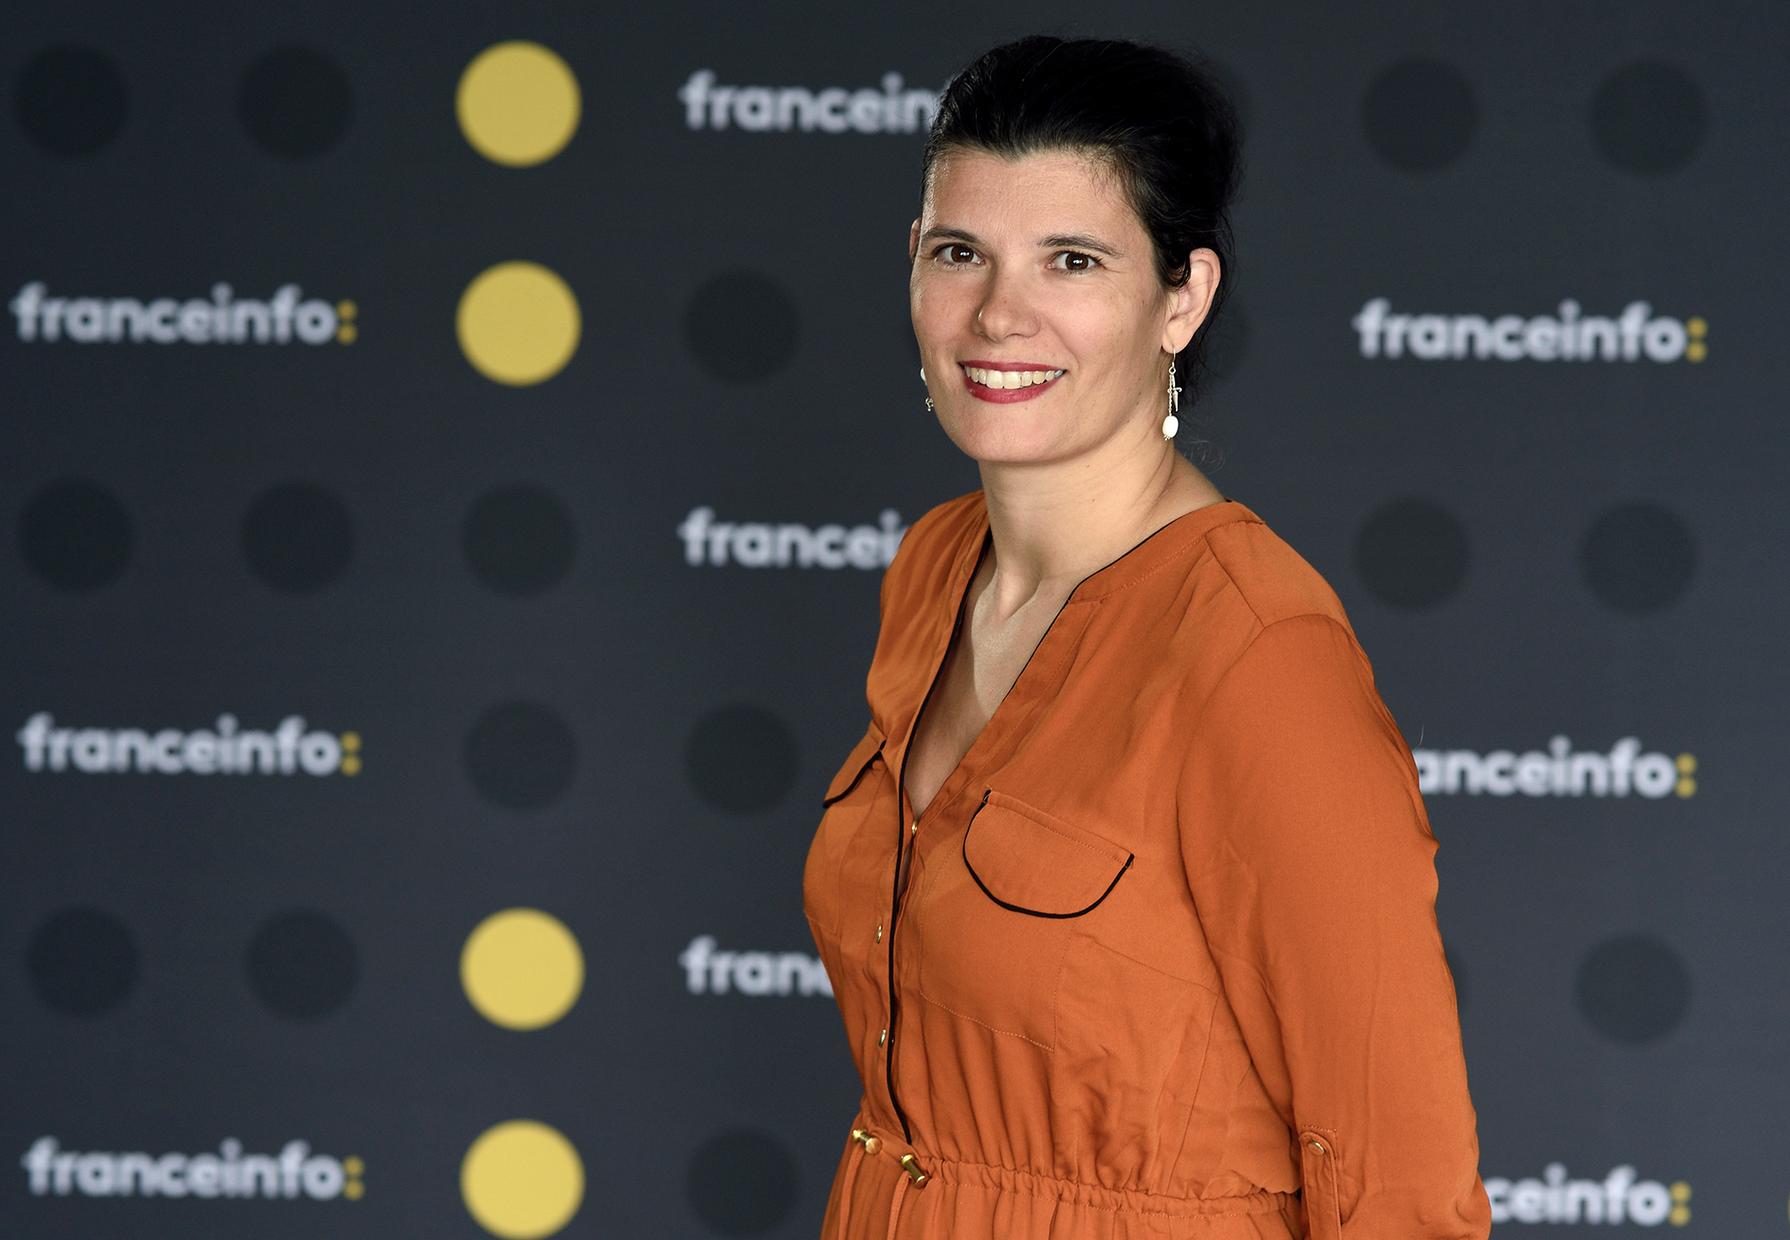 Estelle Cognacq est la directrice adjointe de l'agence franceinfo © Christophe Abramowitz / Radio France